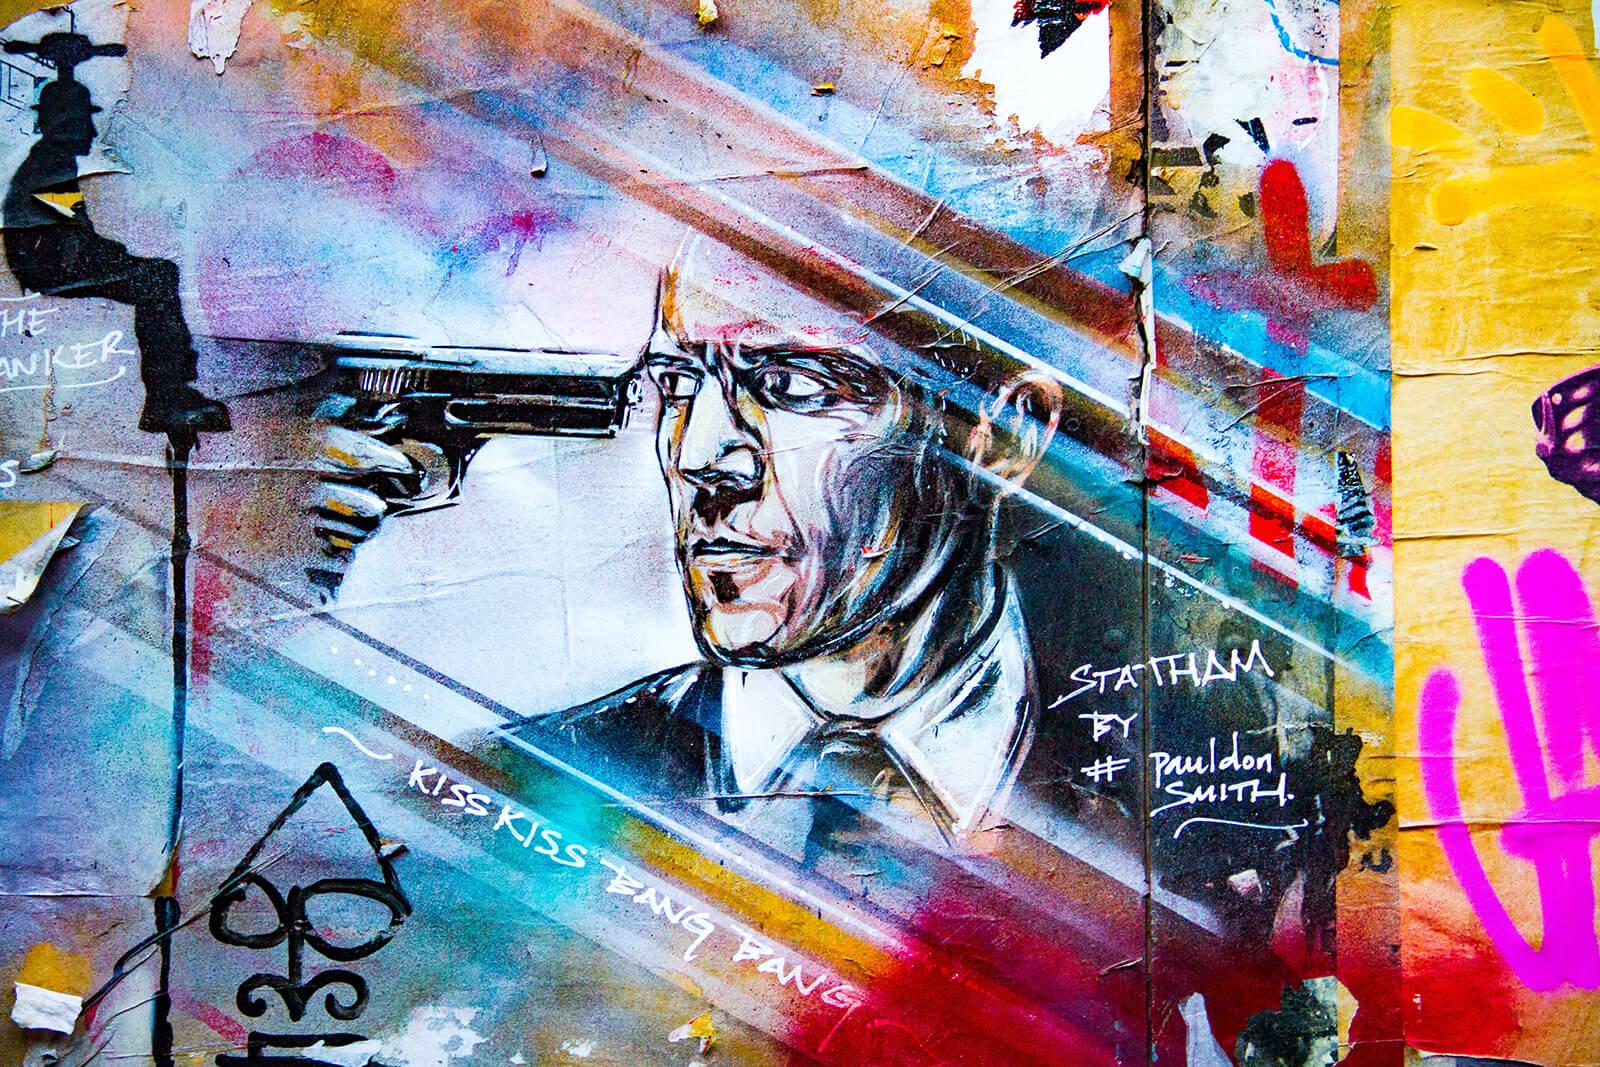 Shoreditch Street Art, London